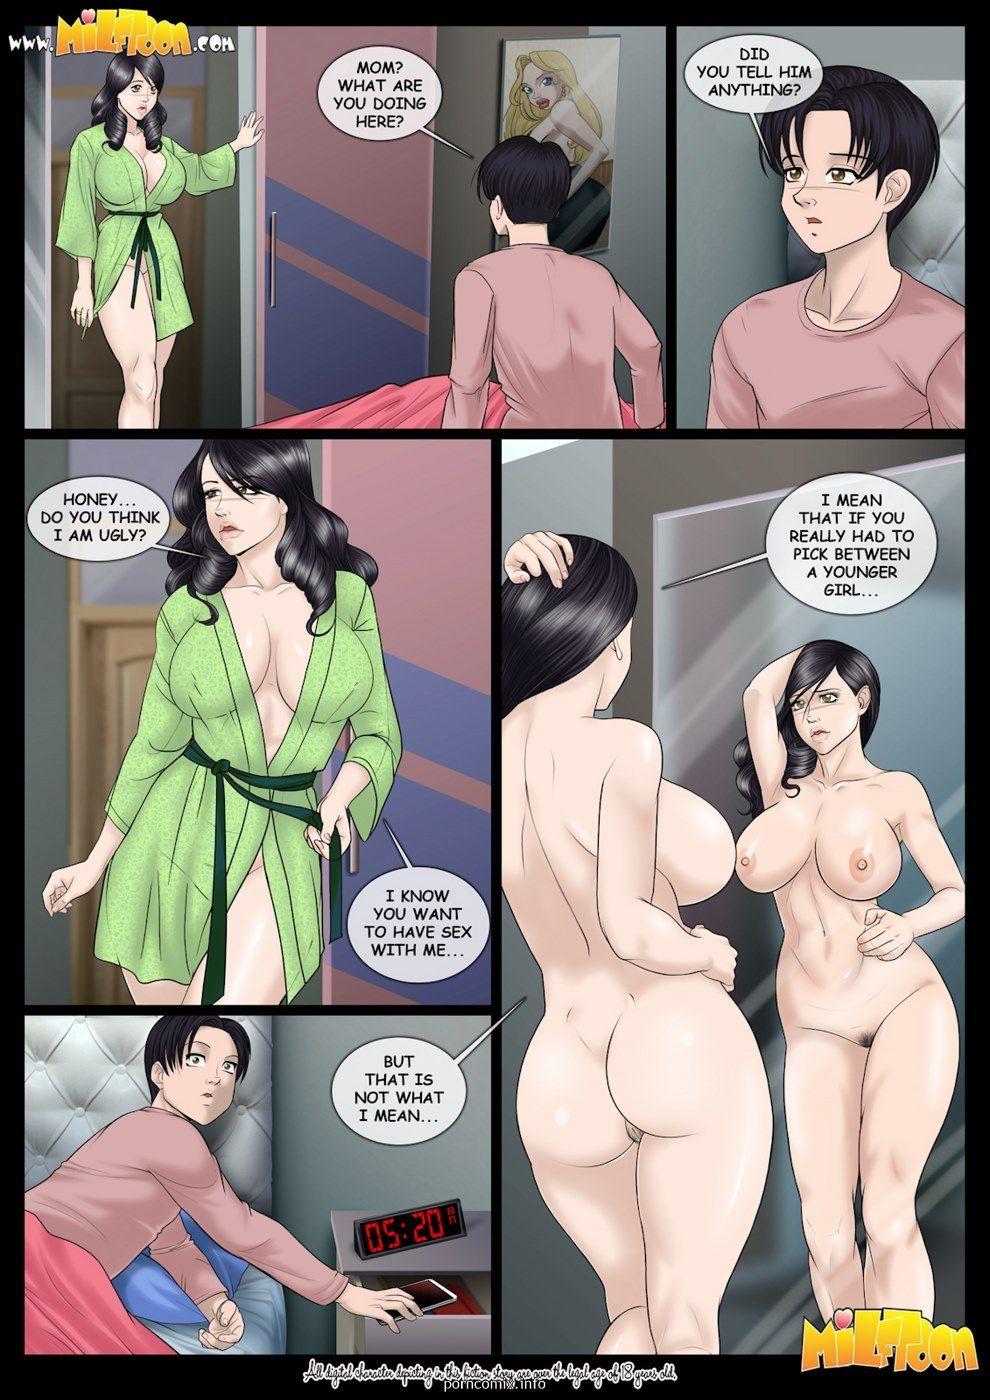 Sexy anime girls nackt bilder